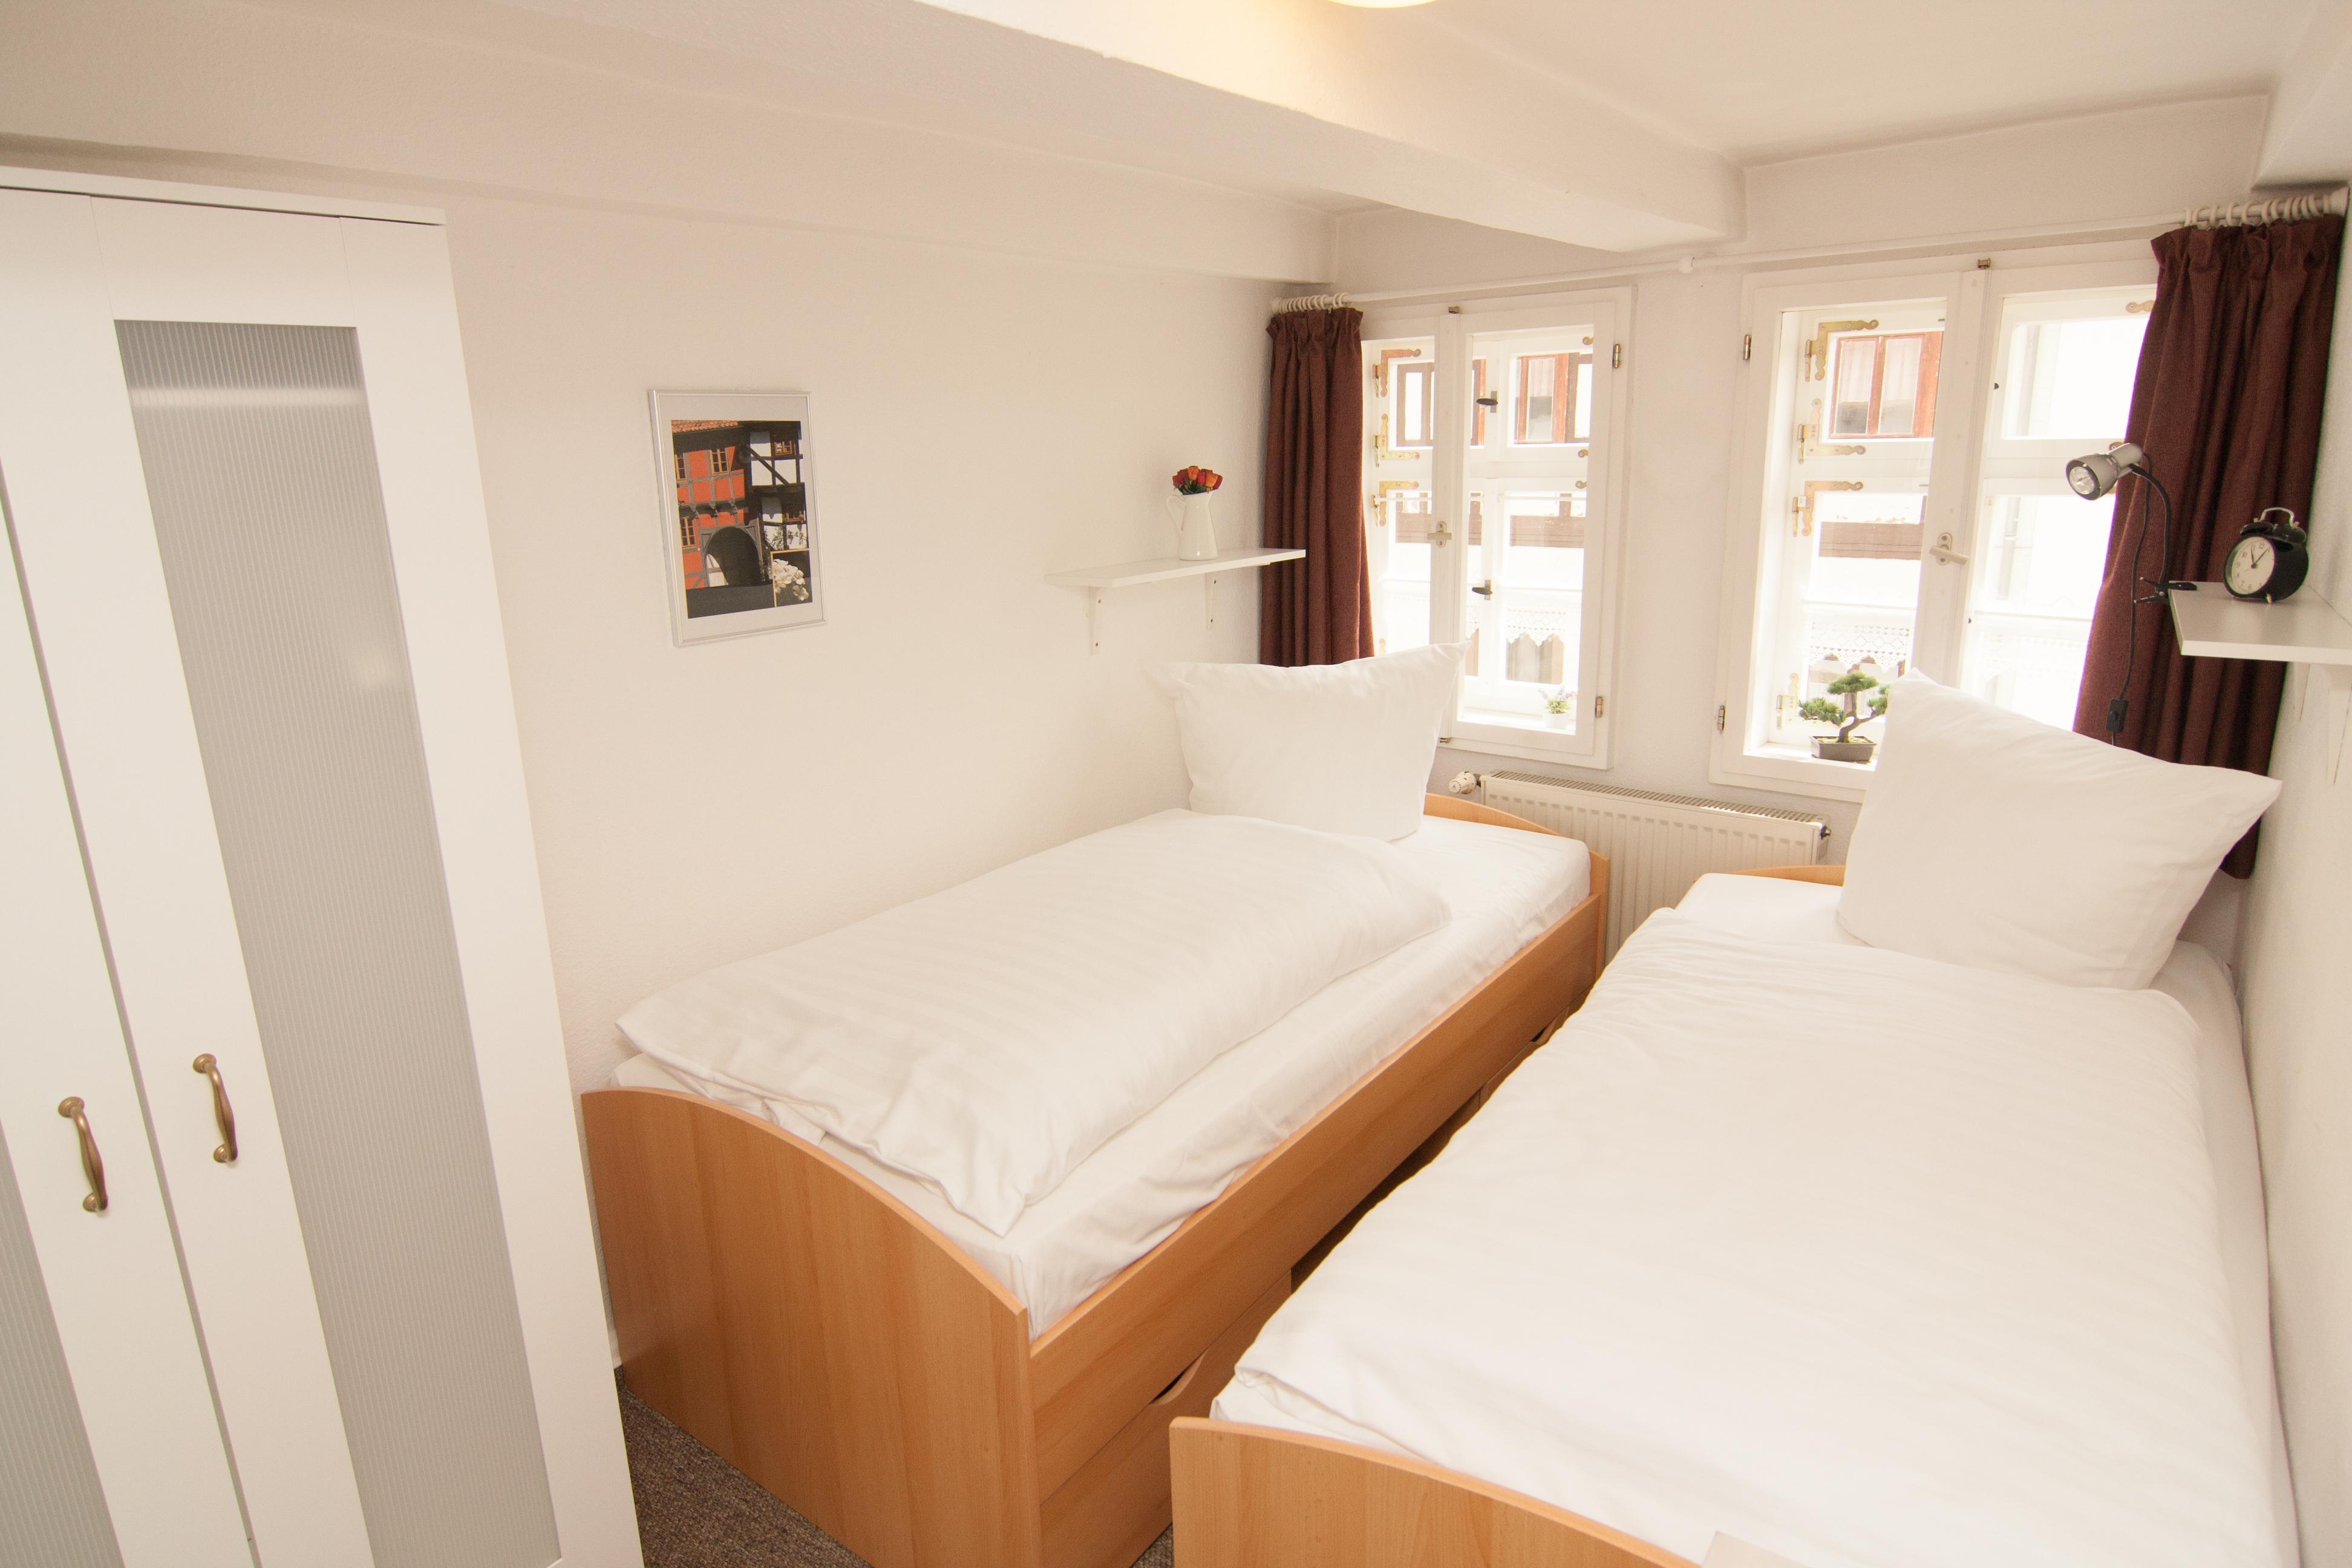 Zwei Einzelbetten, Regal